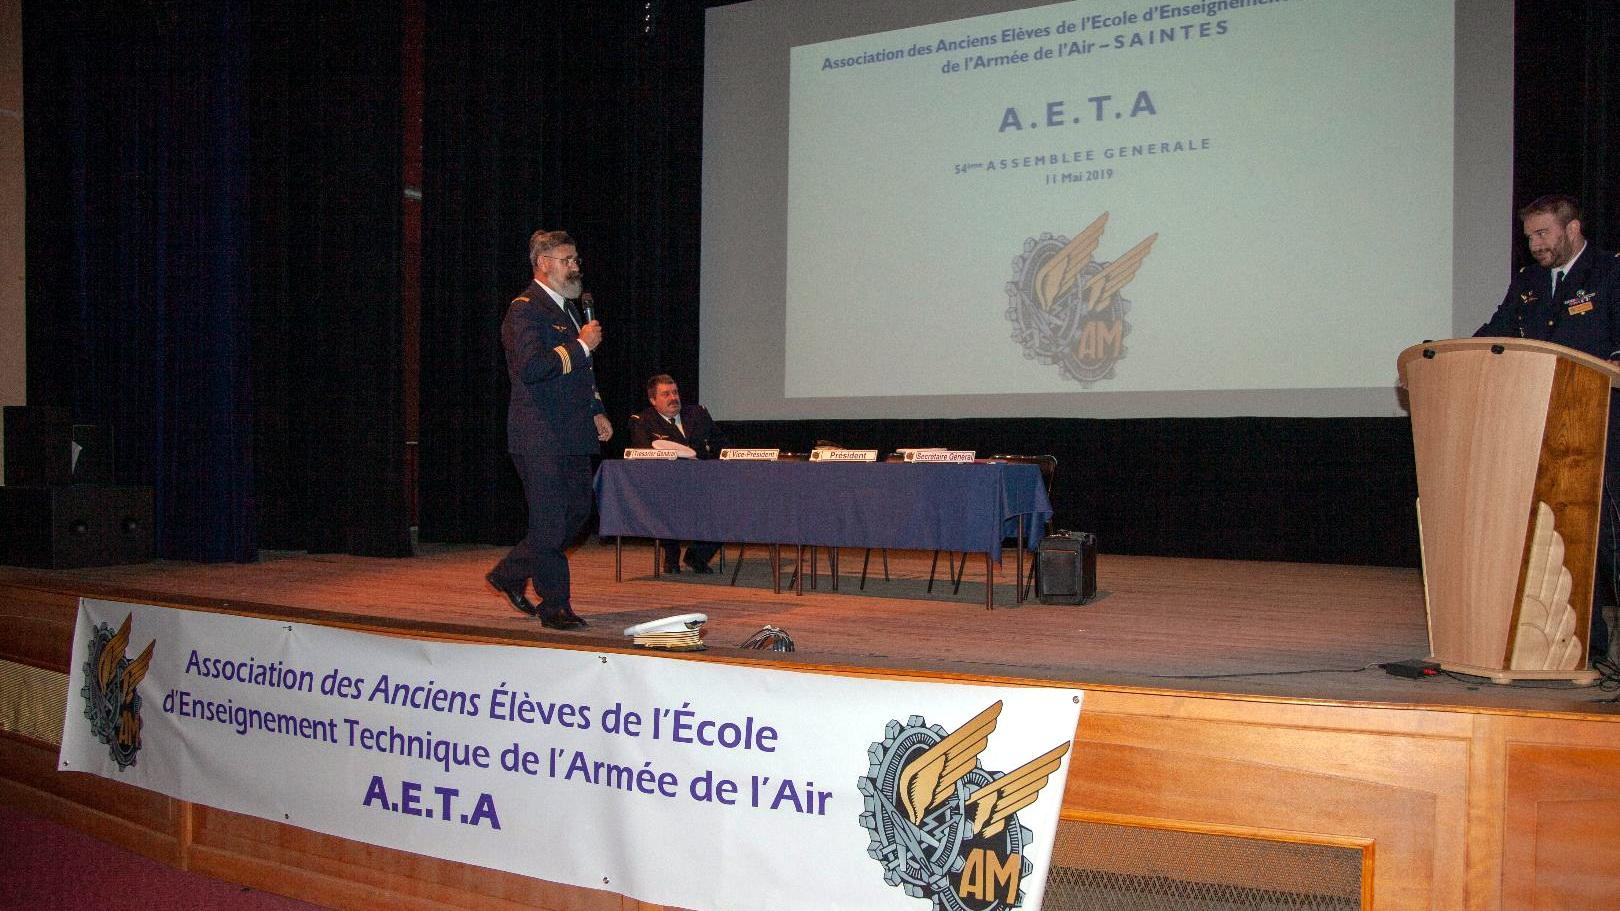 Photos de l'Assemblée Générale 2019 de l'AETA 94